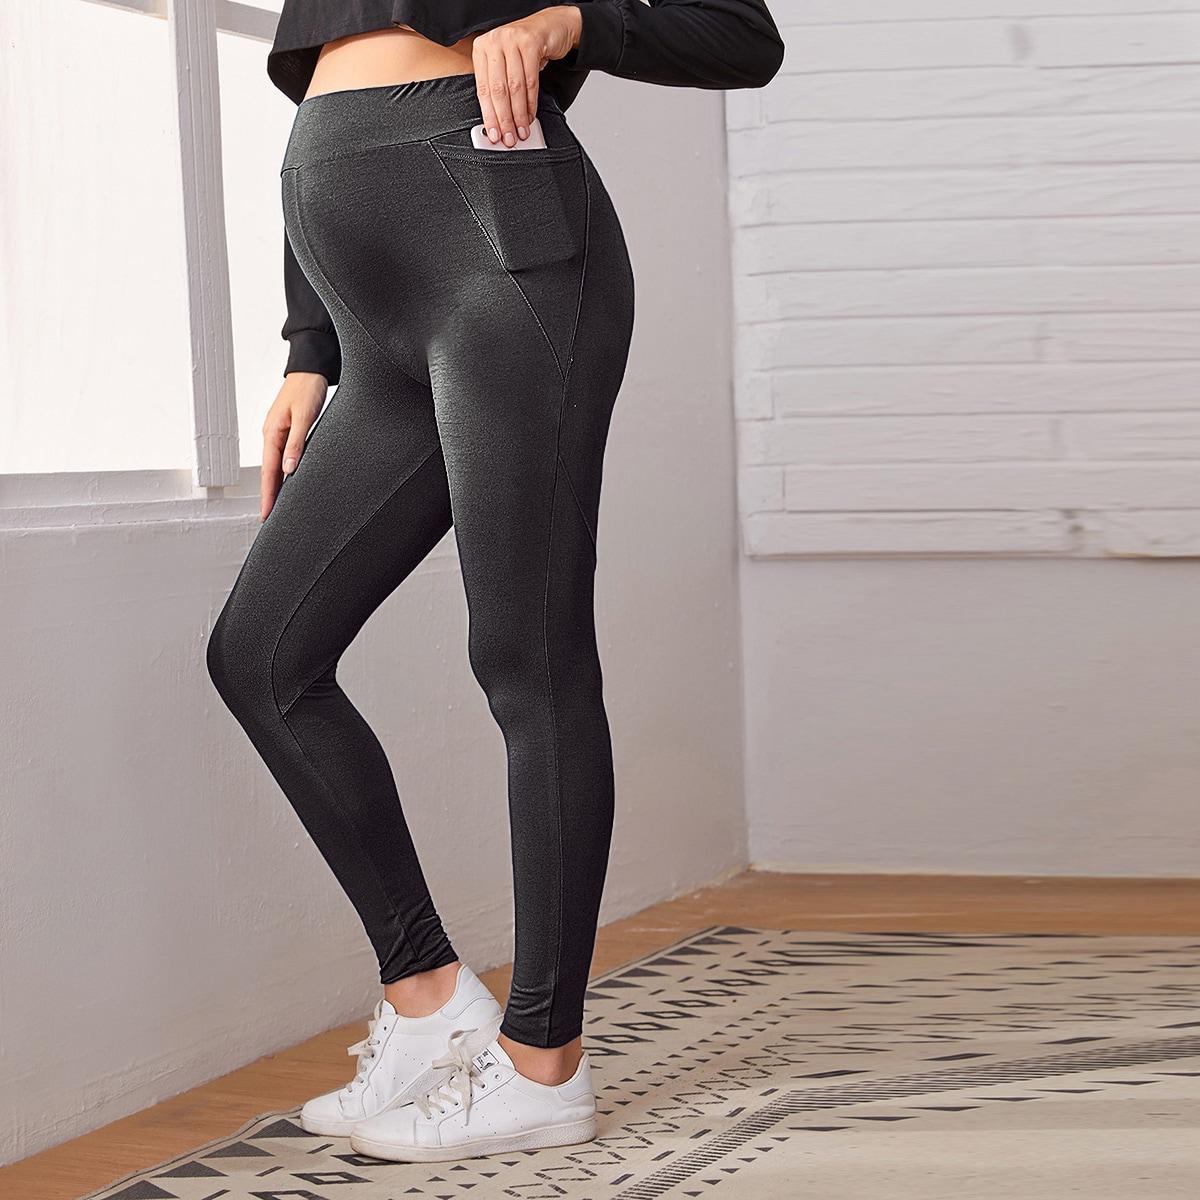 Леггинсы с высокой талией и карманом для беременных от SHEIN